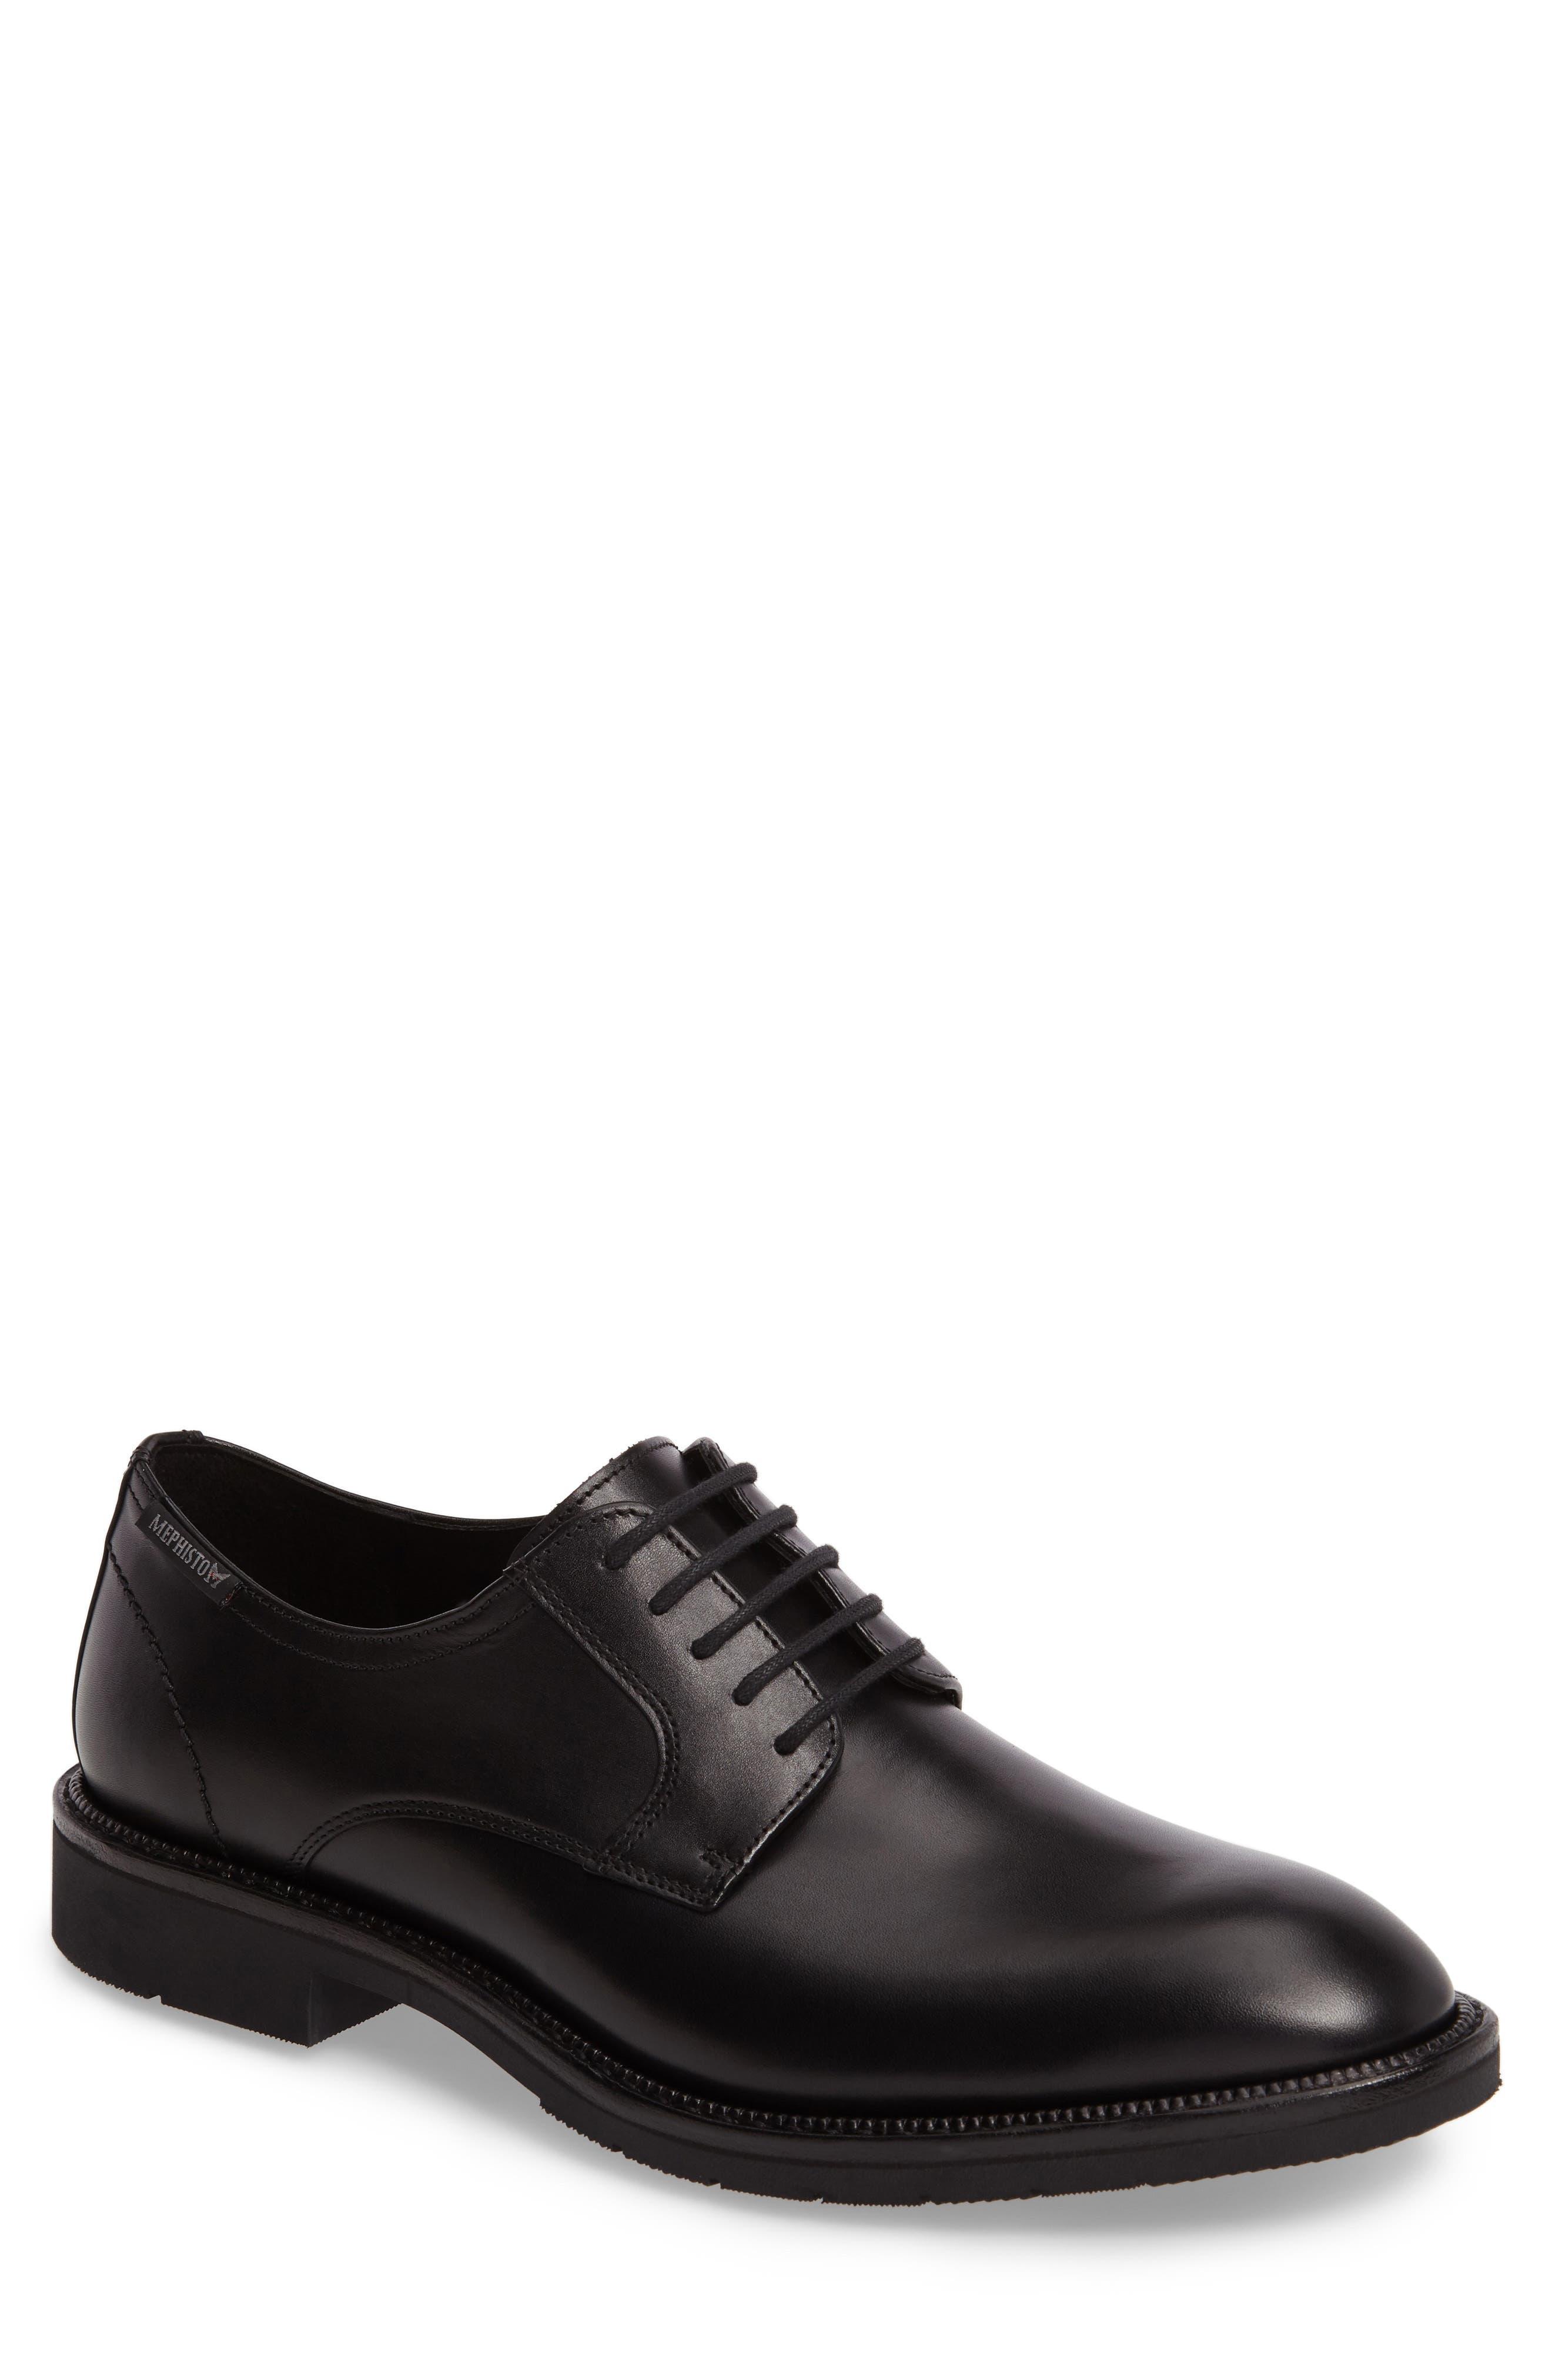 Taylor Plain Toe Derby,                         Main,                         color, Black